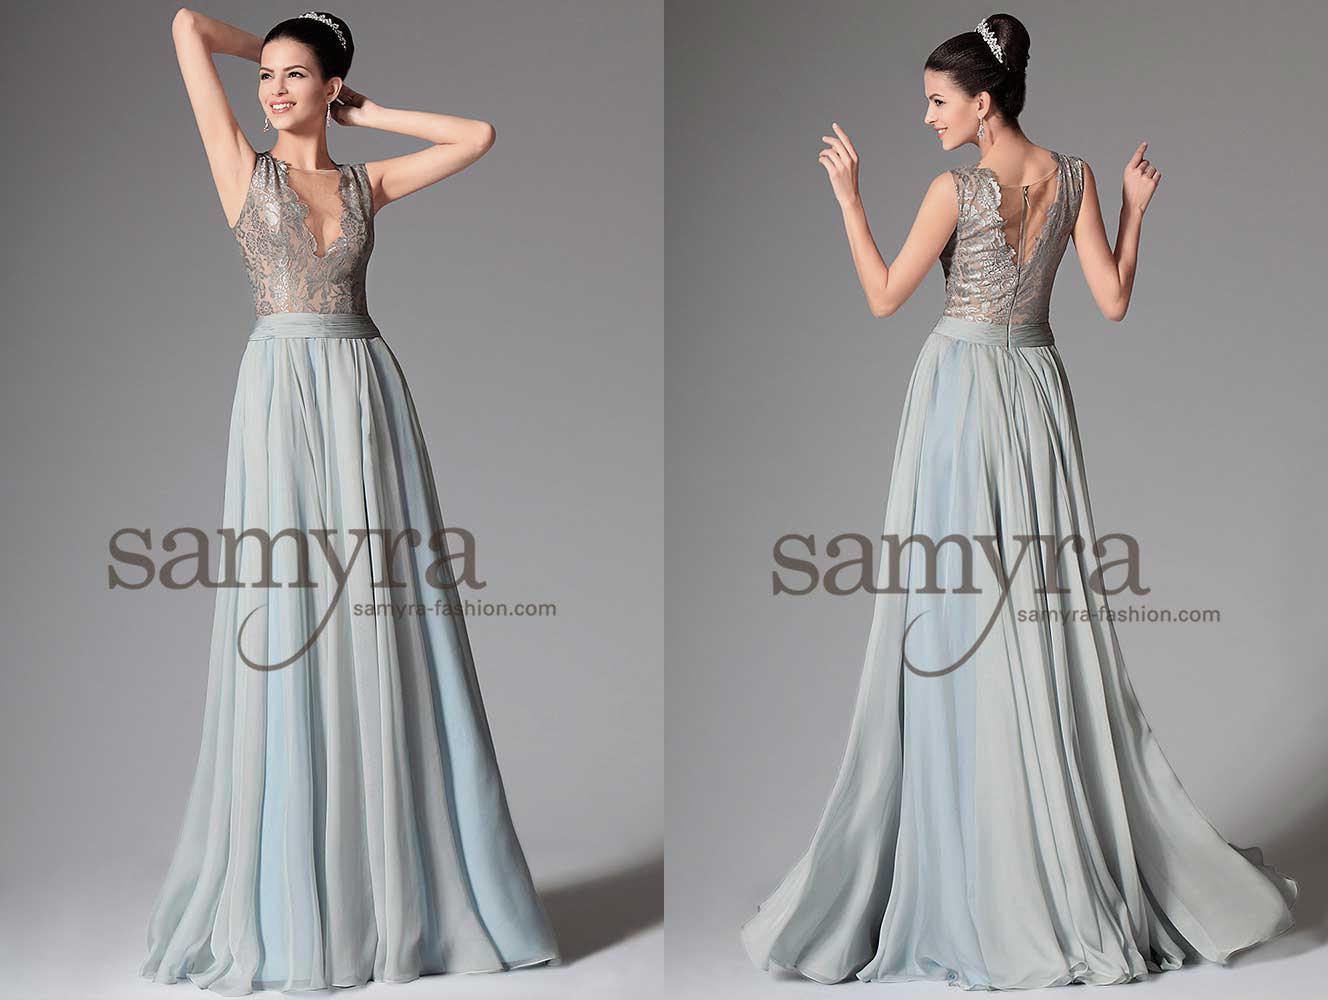 13 Luxurius Abendkleider Online Kaufen DesignDesigner Kreativ Abendkleider Online Kaufen Boutique